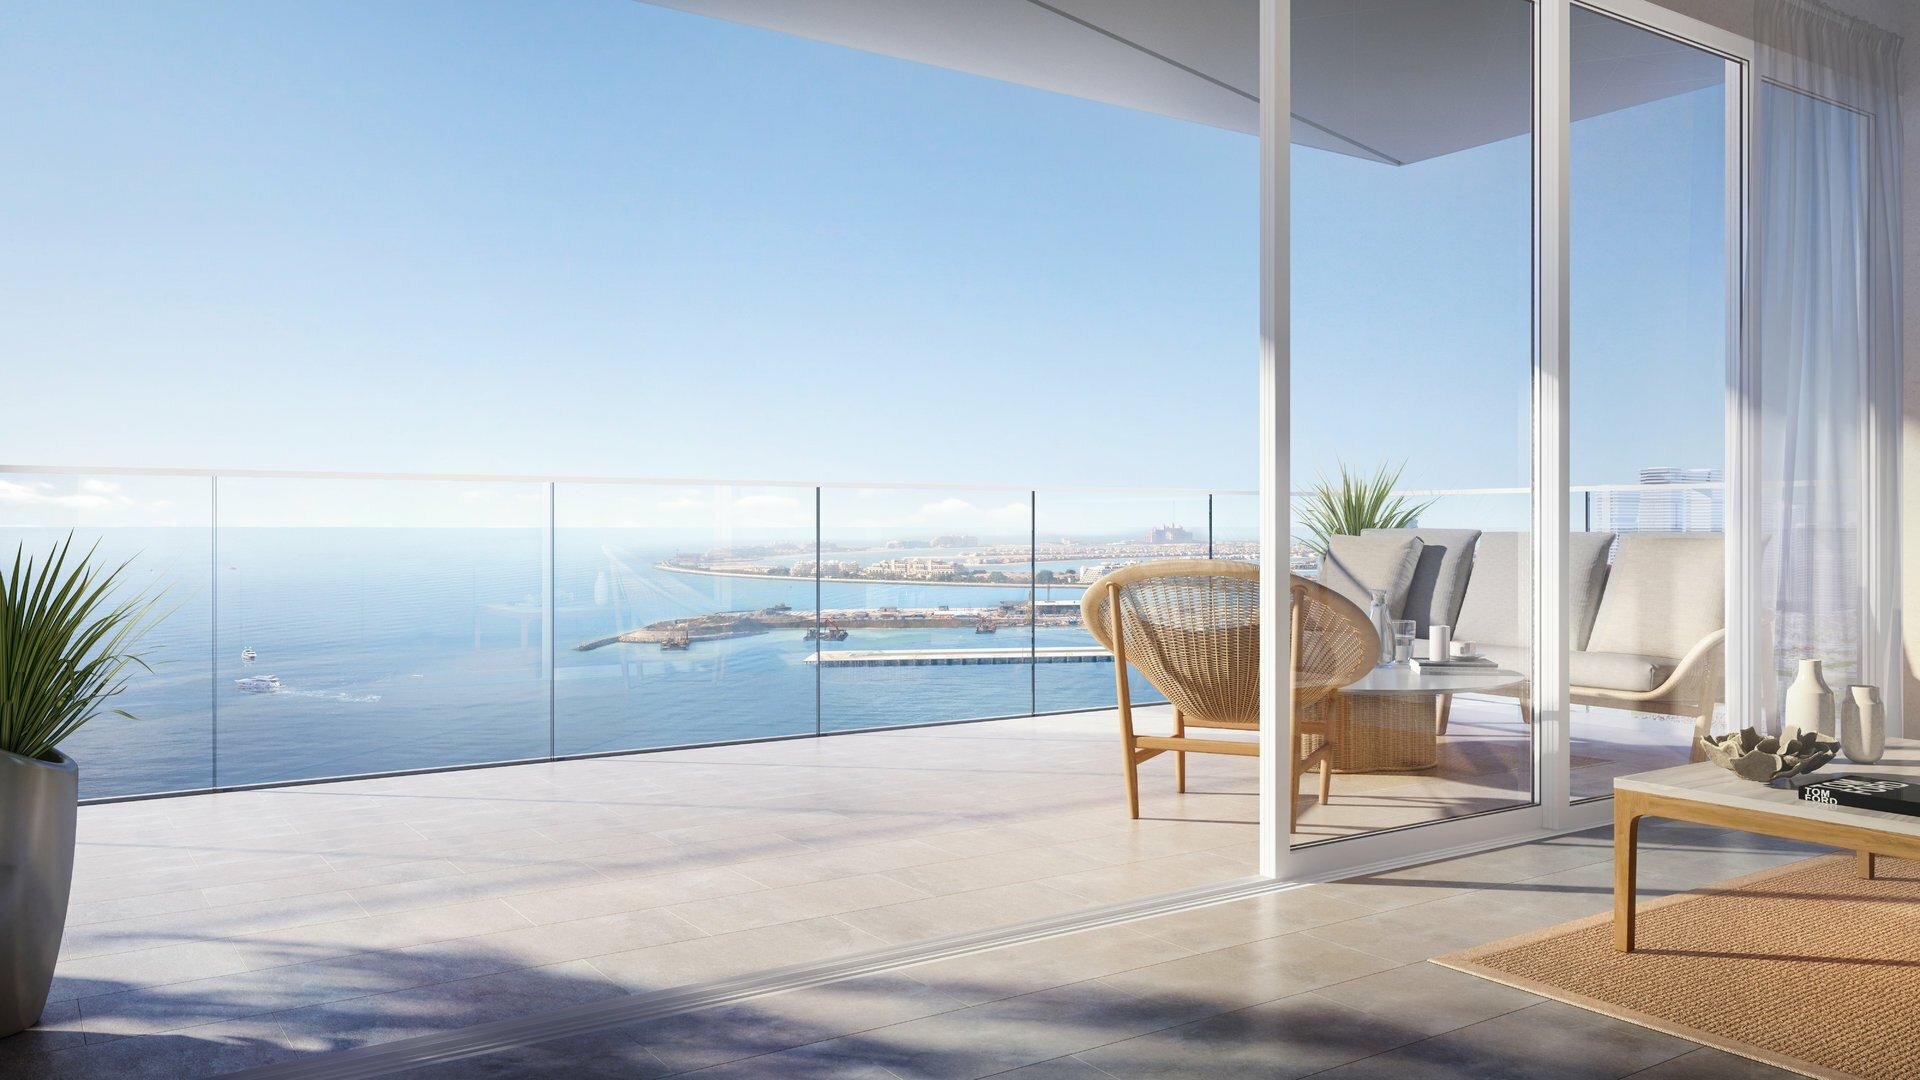 Ático en venta en Dubai, EAU, 5 dormitorios, 414 m2, № 24551 – foto 1